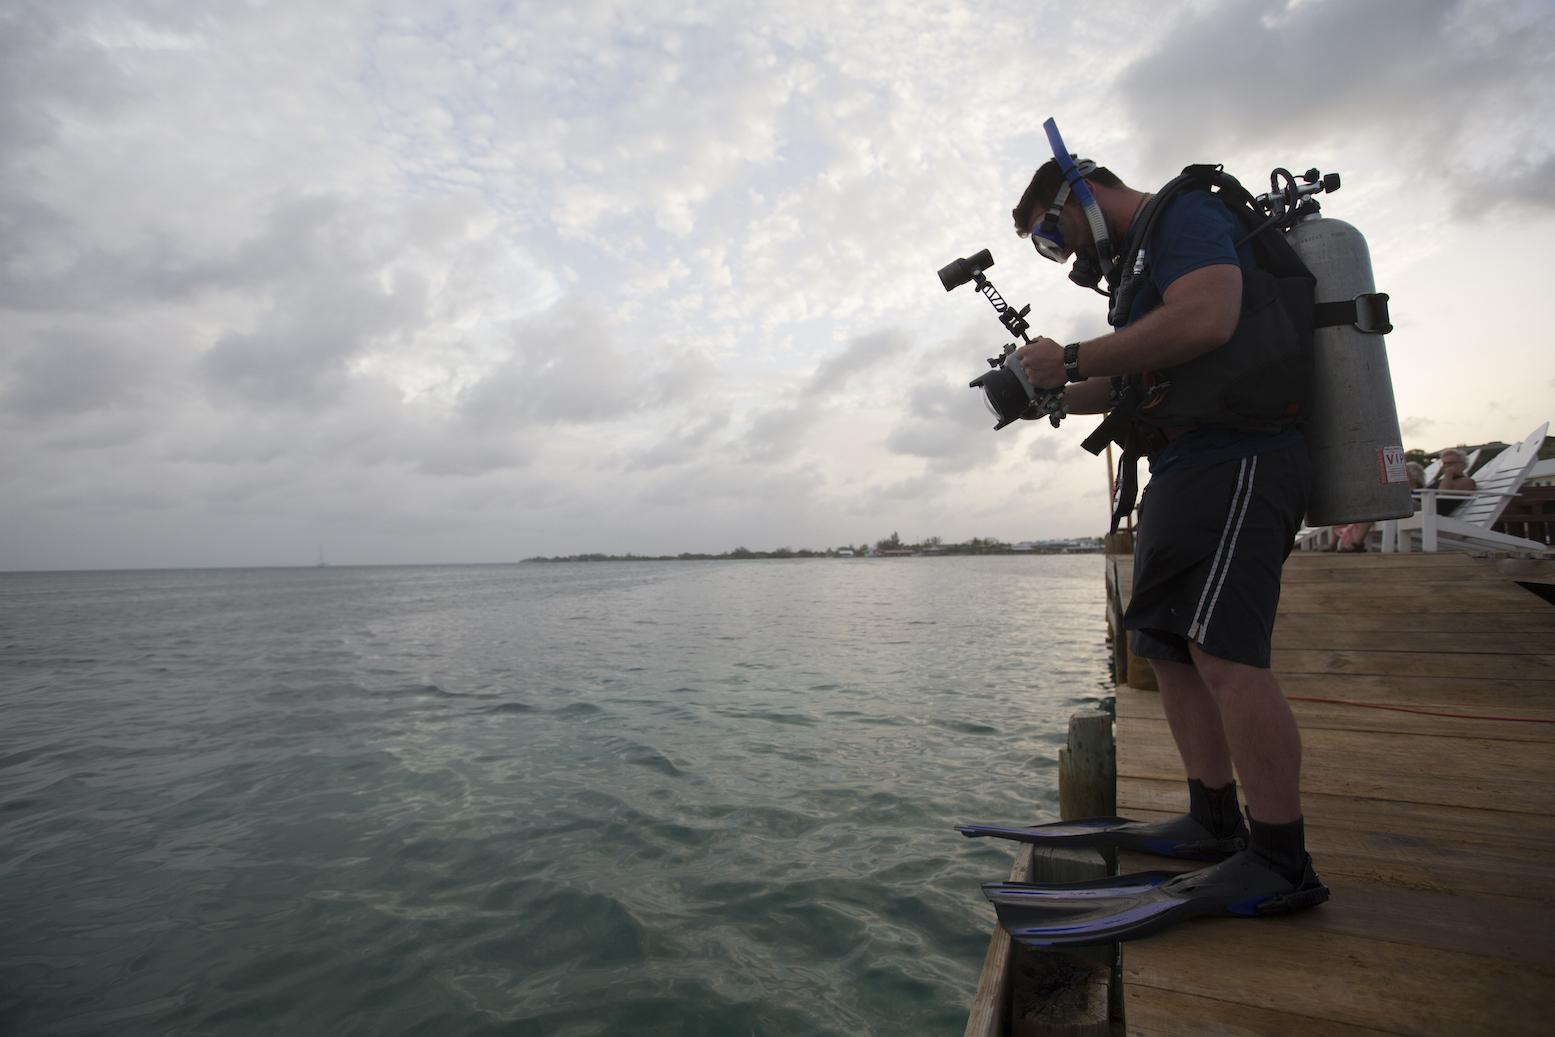 Running Wild Media for #filmmakerfriday